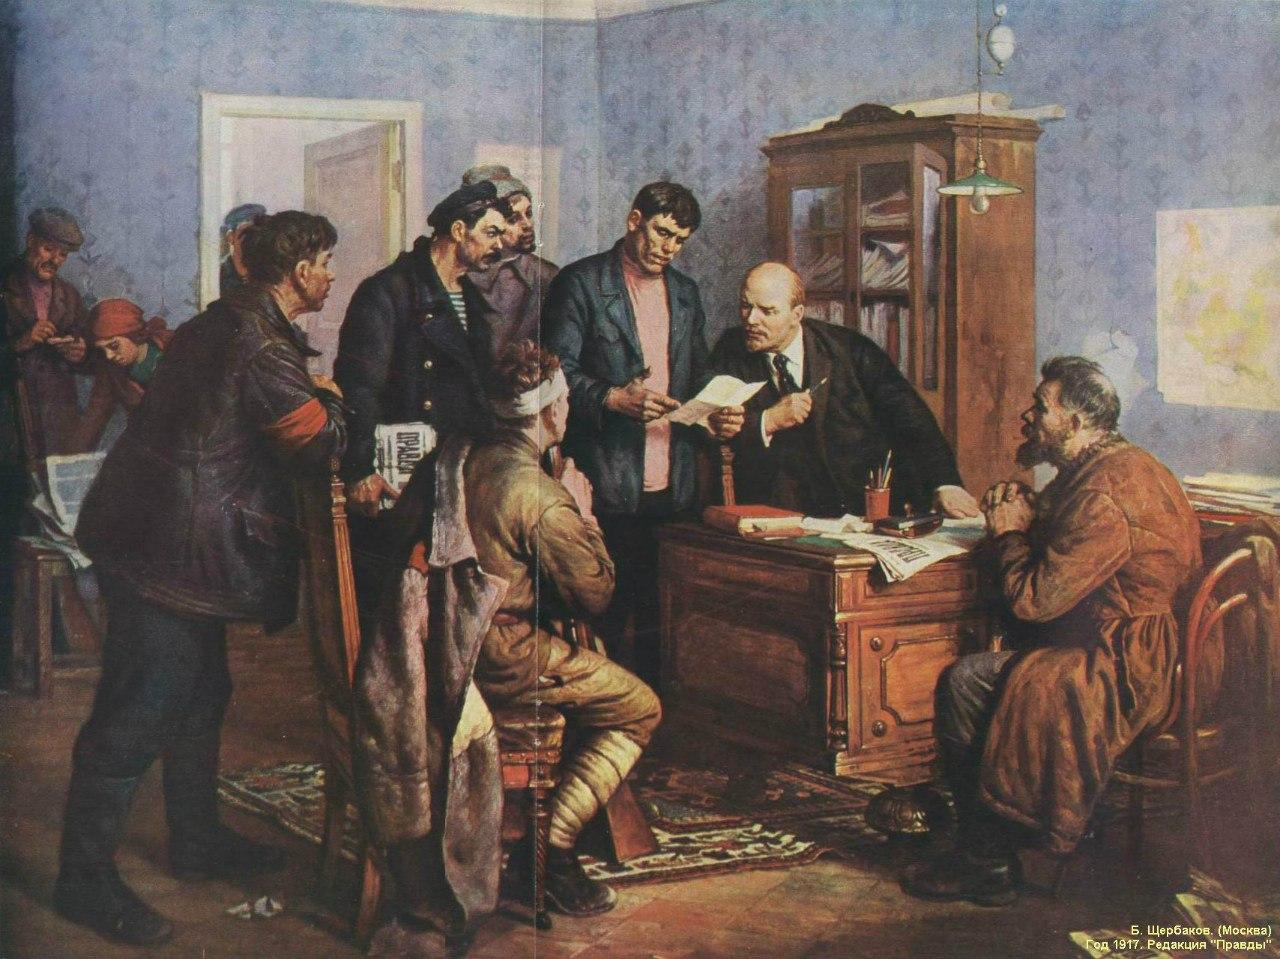 Петроград 1917. Исторический календарь